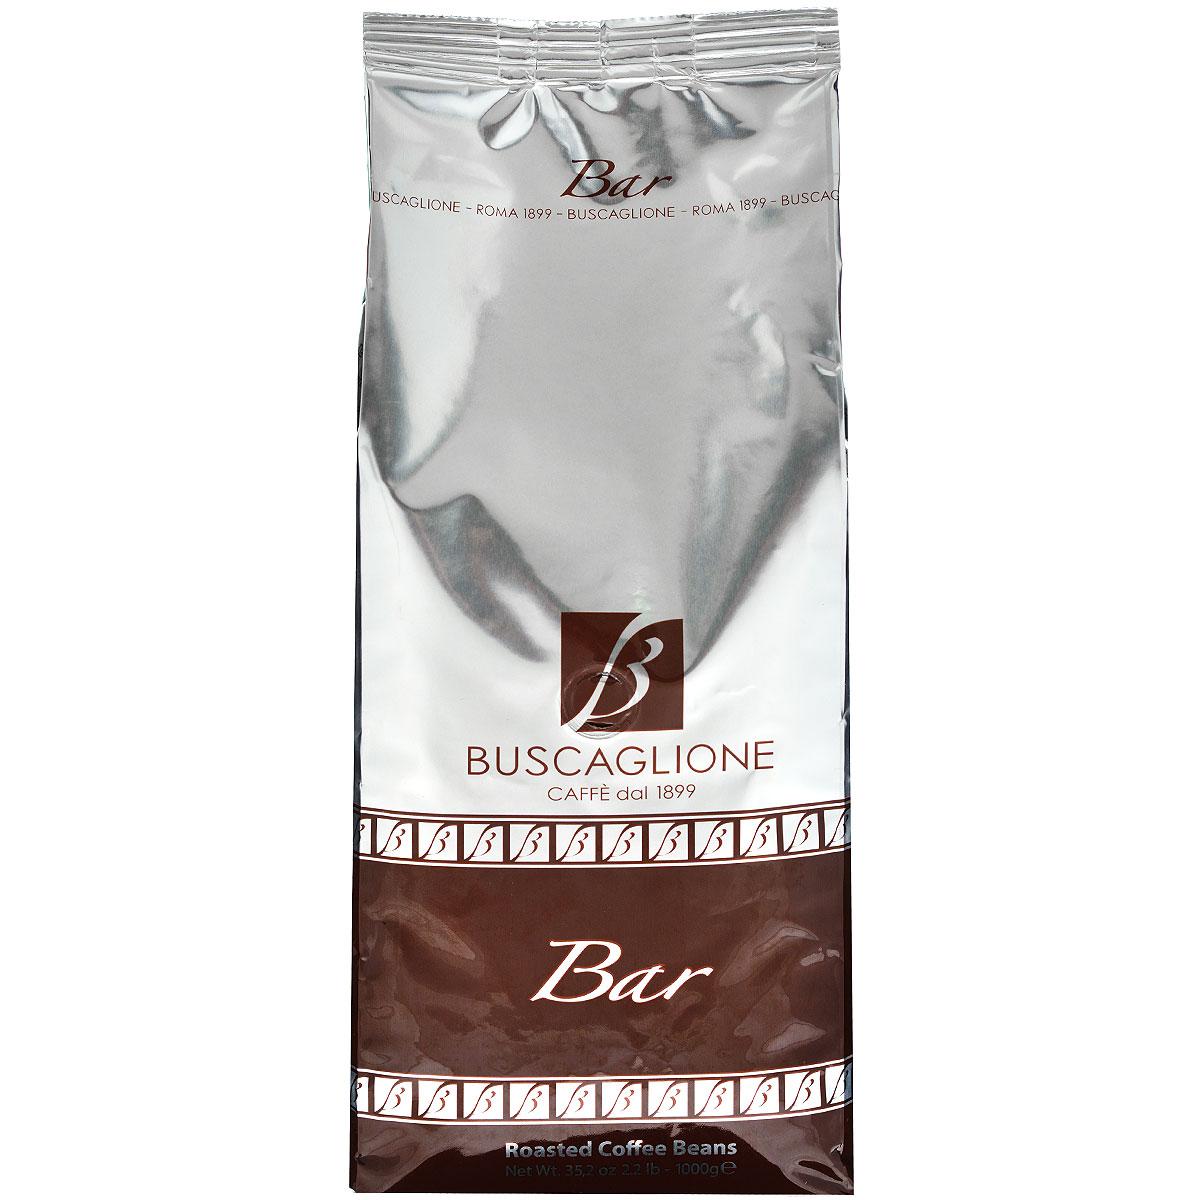 Buscaglione Bar кофе в зернах, 1 кг8033300581032Традиционная смесь 90% американской арабики и 10% африканской робусты, преимущественно сухой очистки. Густой, напоминающий крем, сладковатый кофе с нотками какао и жареного хлеба. Рекомендуется для приготовления эспрессо, лунго, коктейлей на основе кофе.